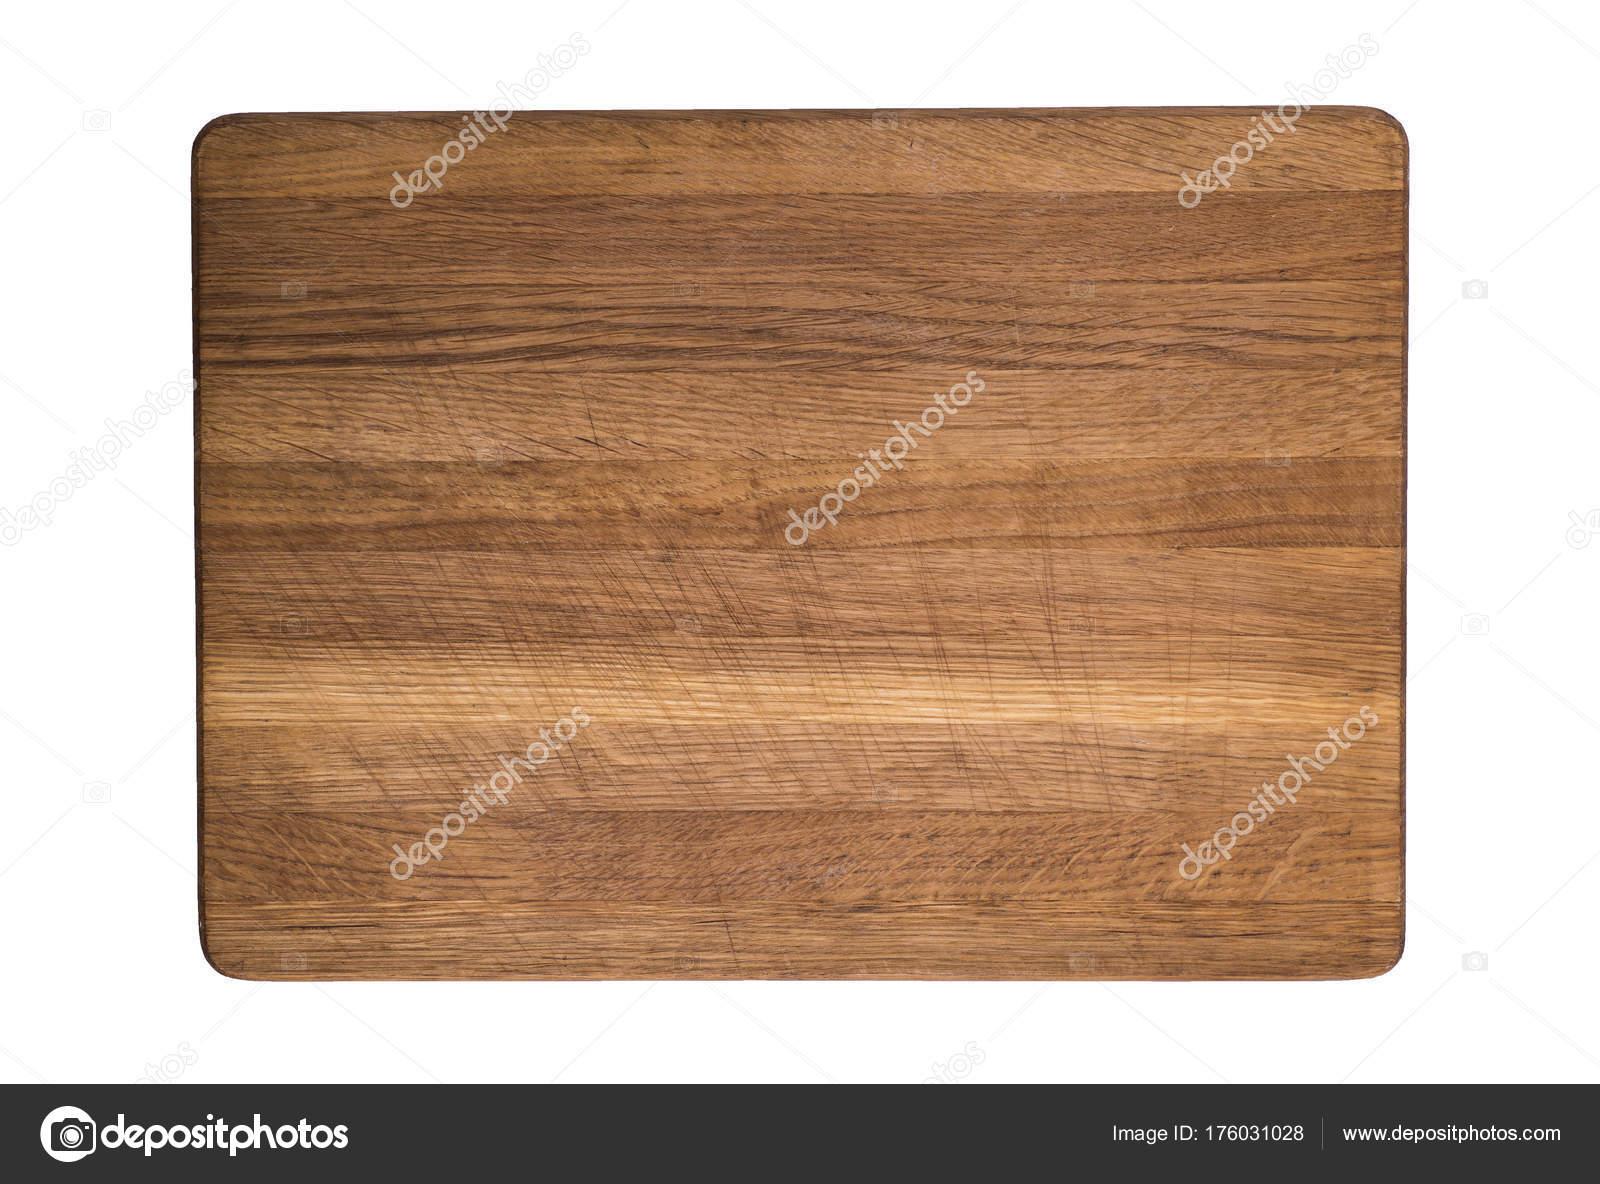 Oude houten keuken snijplank geïsoleerd op witte achtergrond